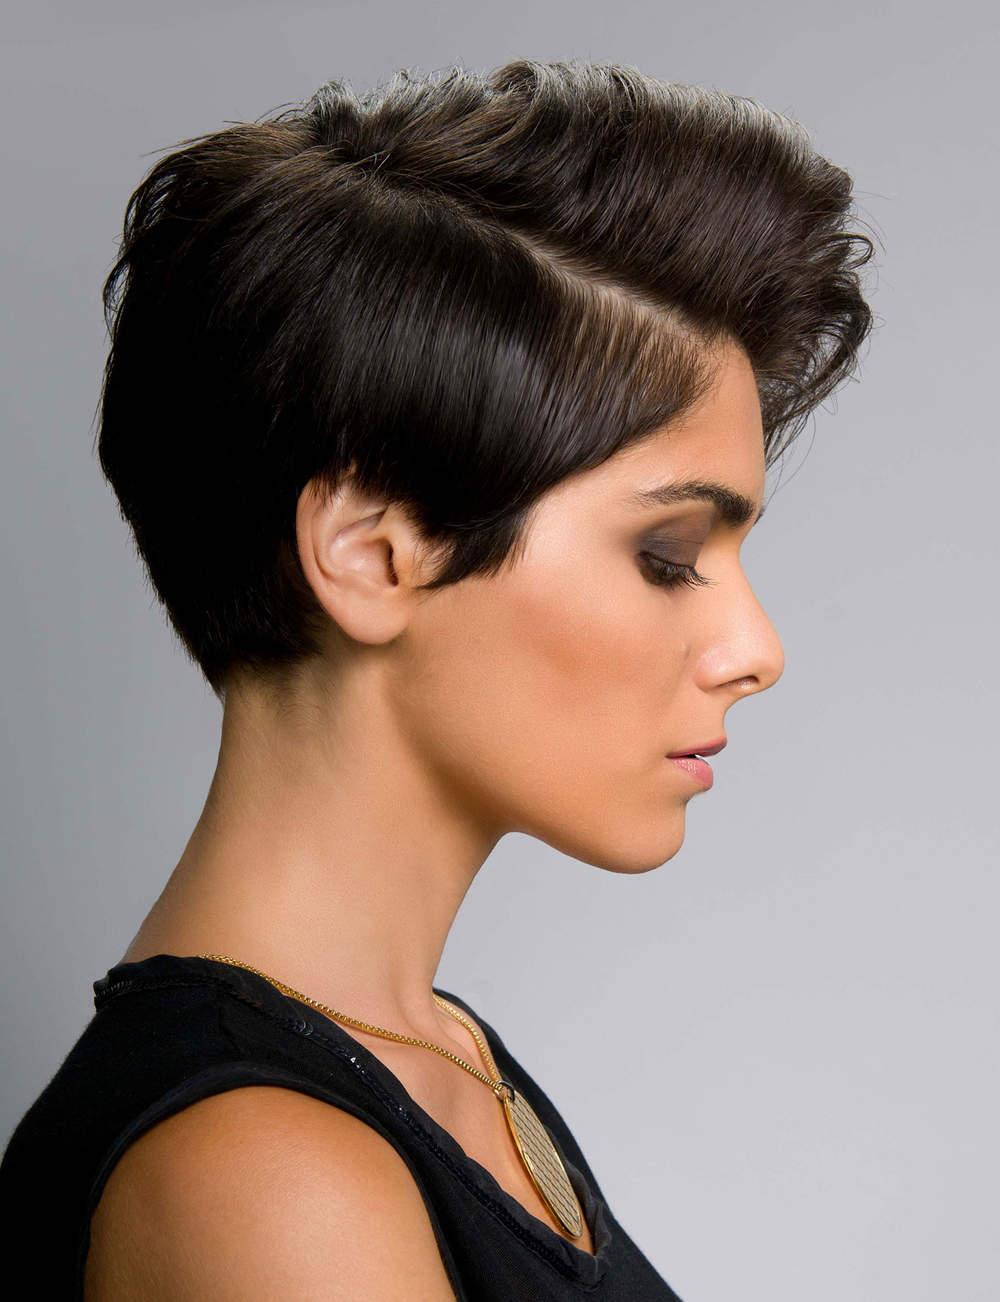 Coup courte | Coiffure cheveux long